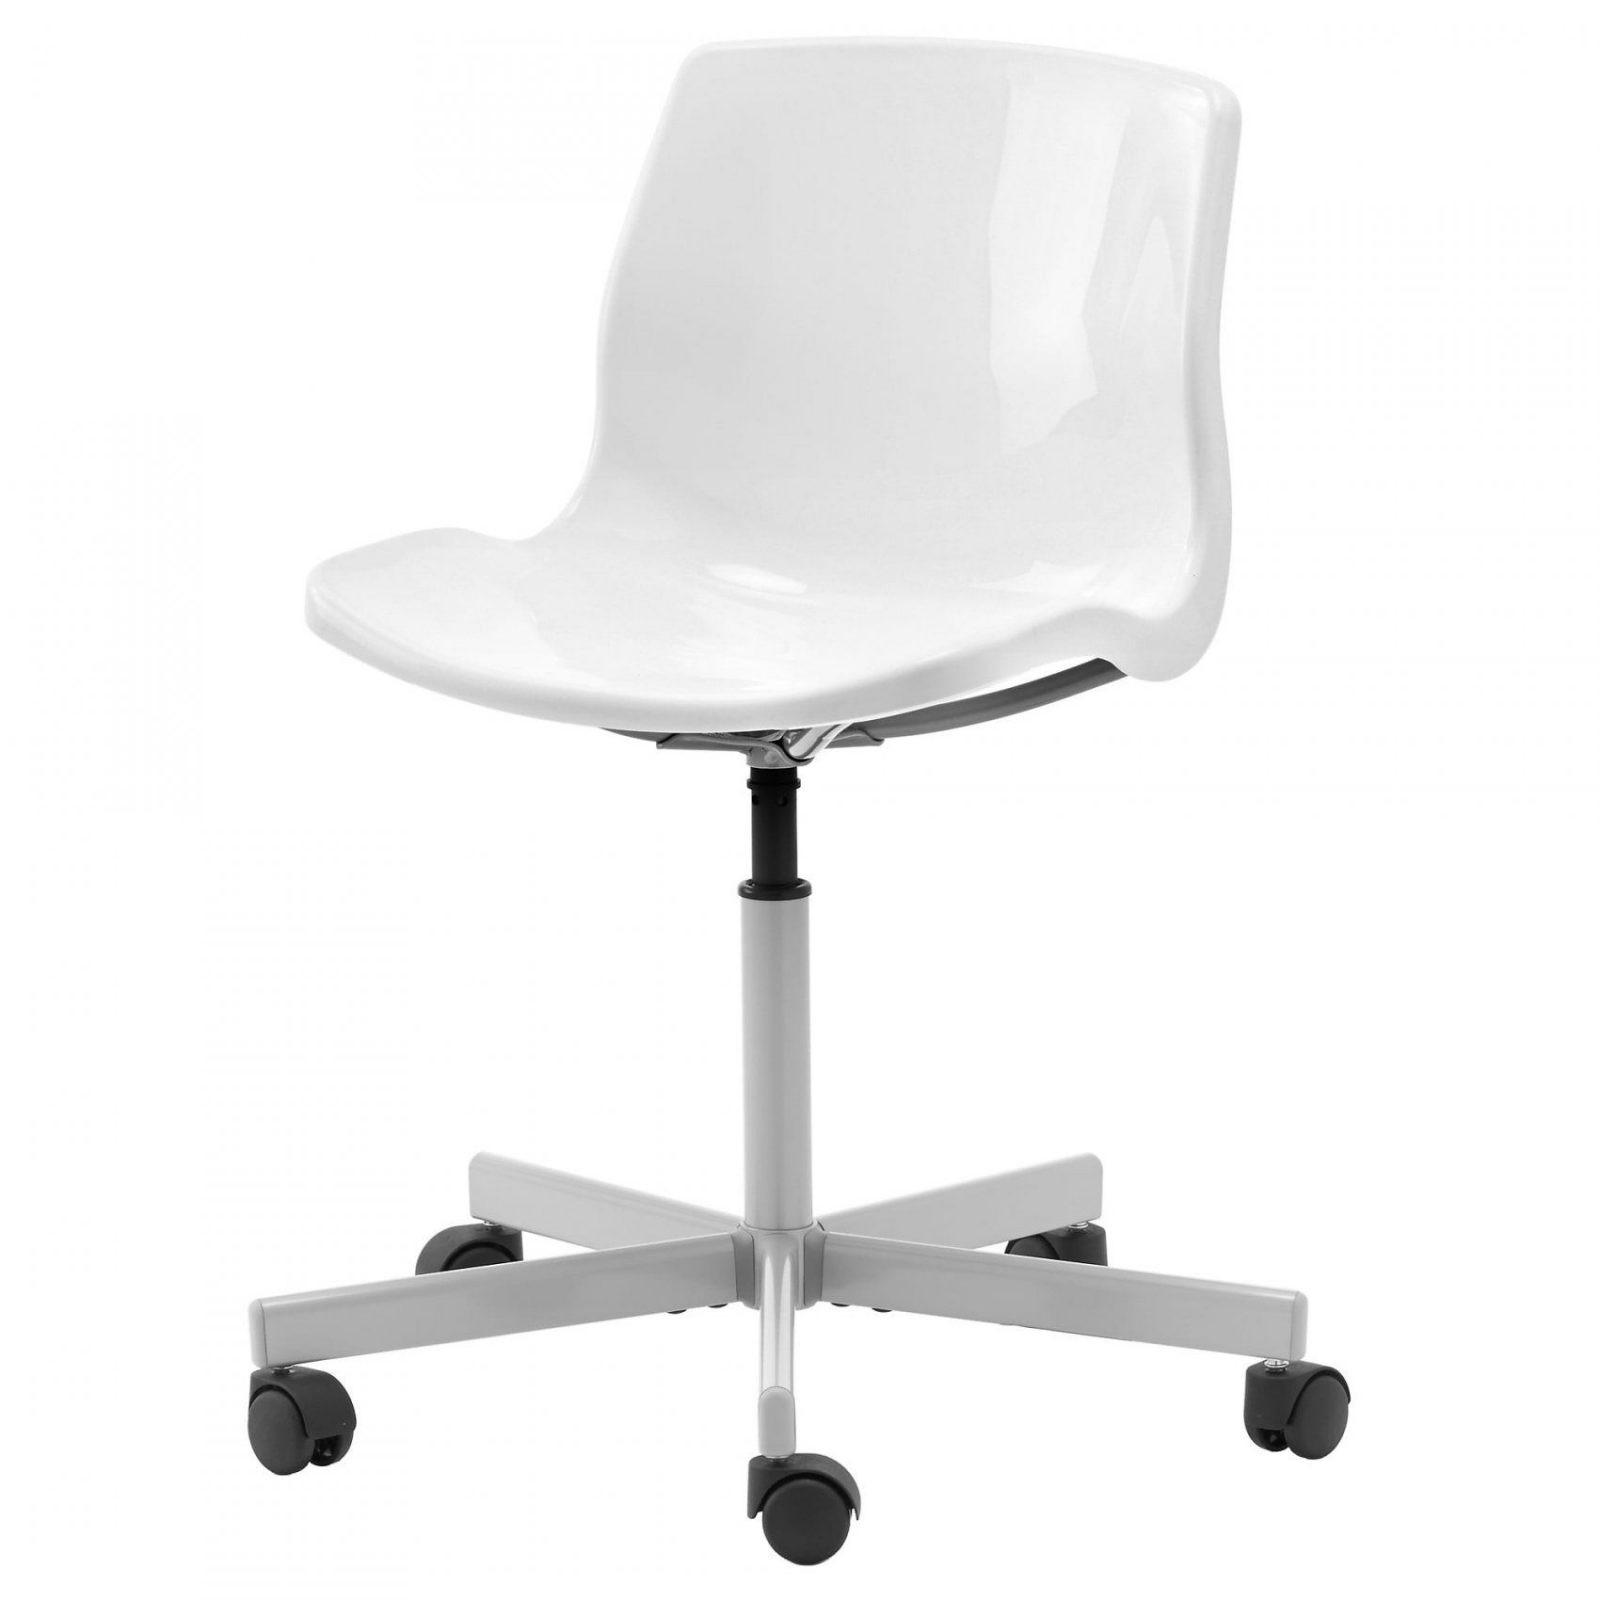 stuhl schreibtischstuhl tuerkis schreibtischstuhl wei ohne von schreibtischstuhl ohne rollen. Black Bedroom Furniture Sets. Home Design Ideas